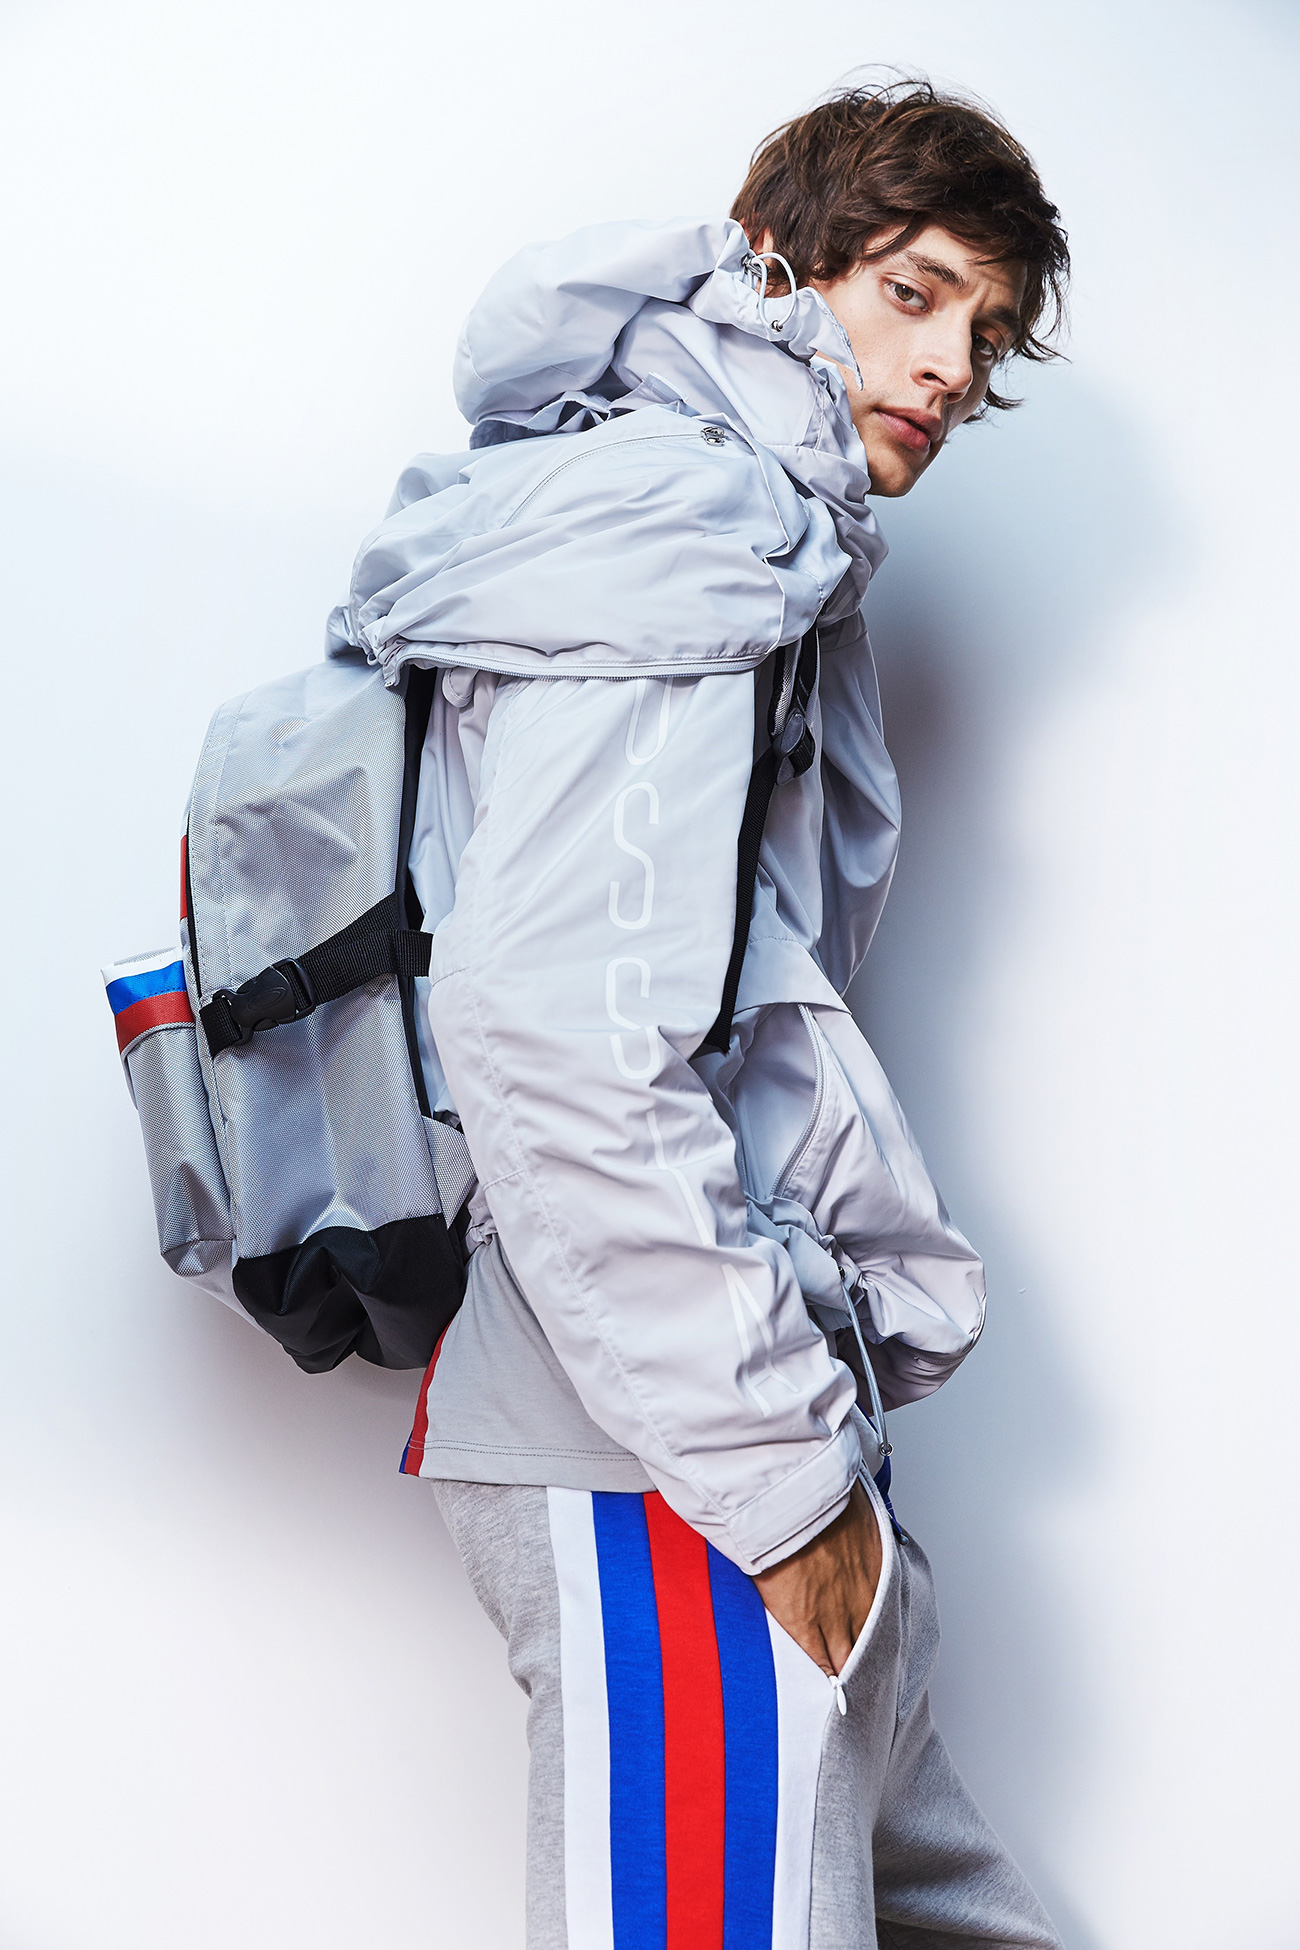 """La nuova collezione è influenzata dalla moda contemporanea e dalla cultura giovanile. La tonalità di grigio """"urban grey"""" è il colore base, a cui si coniugano il bianco, rosso e blu della bandiera russa"""